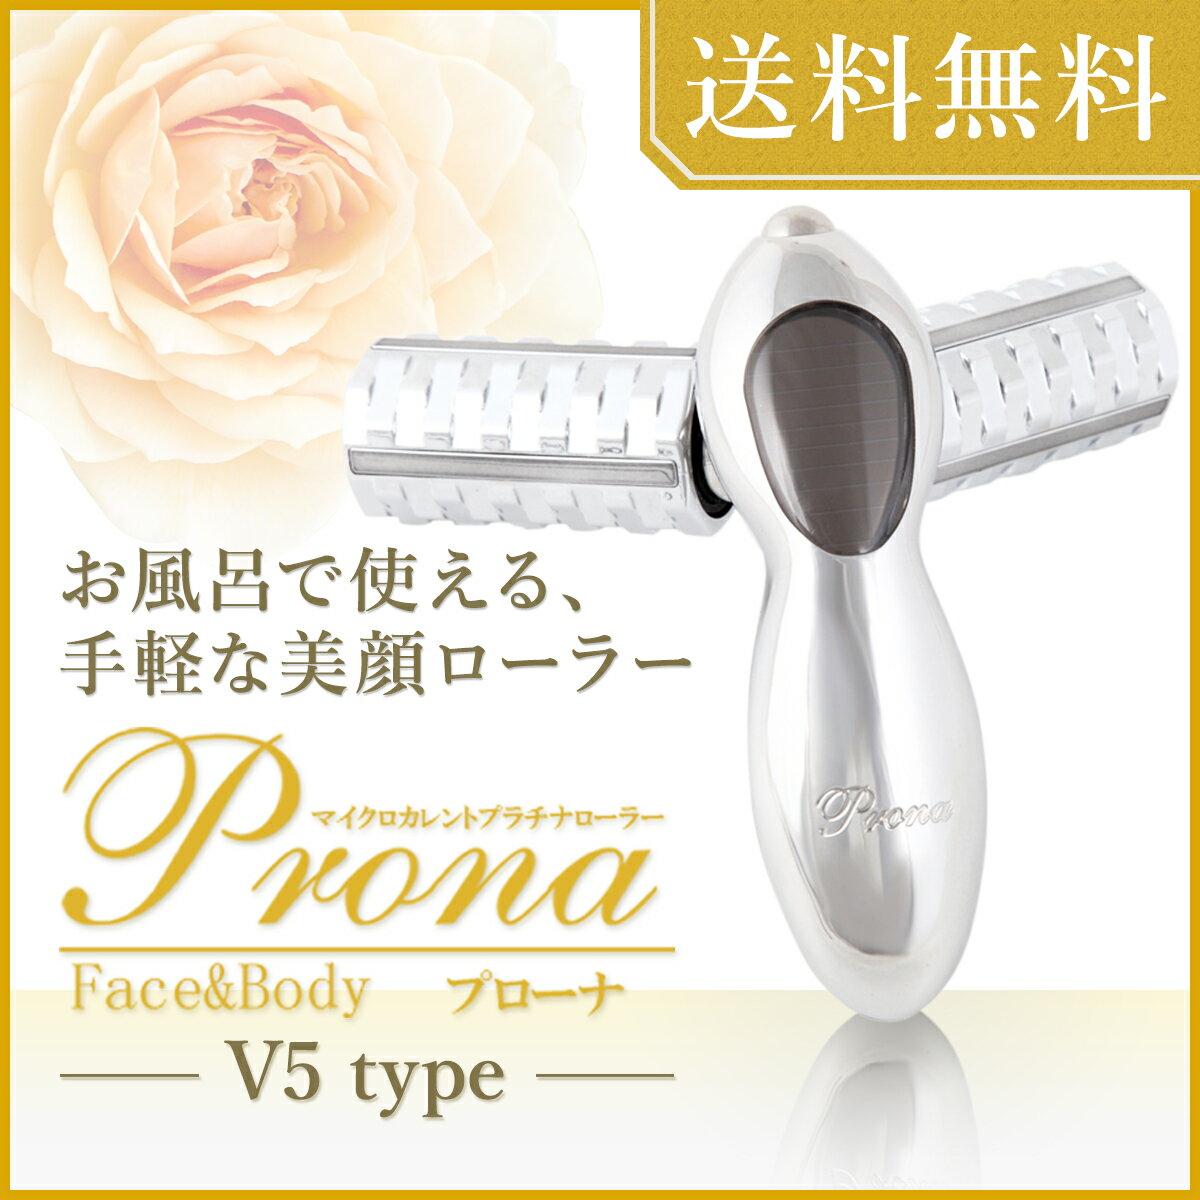 美顔器 美顔ローラー Prona(プローナ)v5type プラチナ マイクロカレントローラー (リファレンス 付き リフトアップ フェイスローラー 美容ローラー プラチナゲルマ電子ローラー)